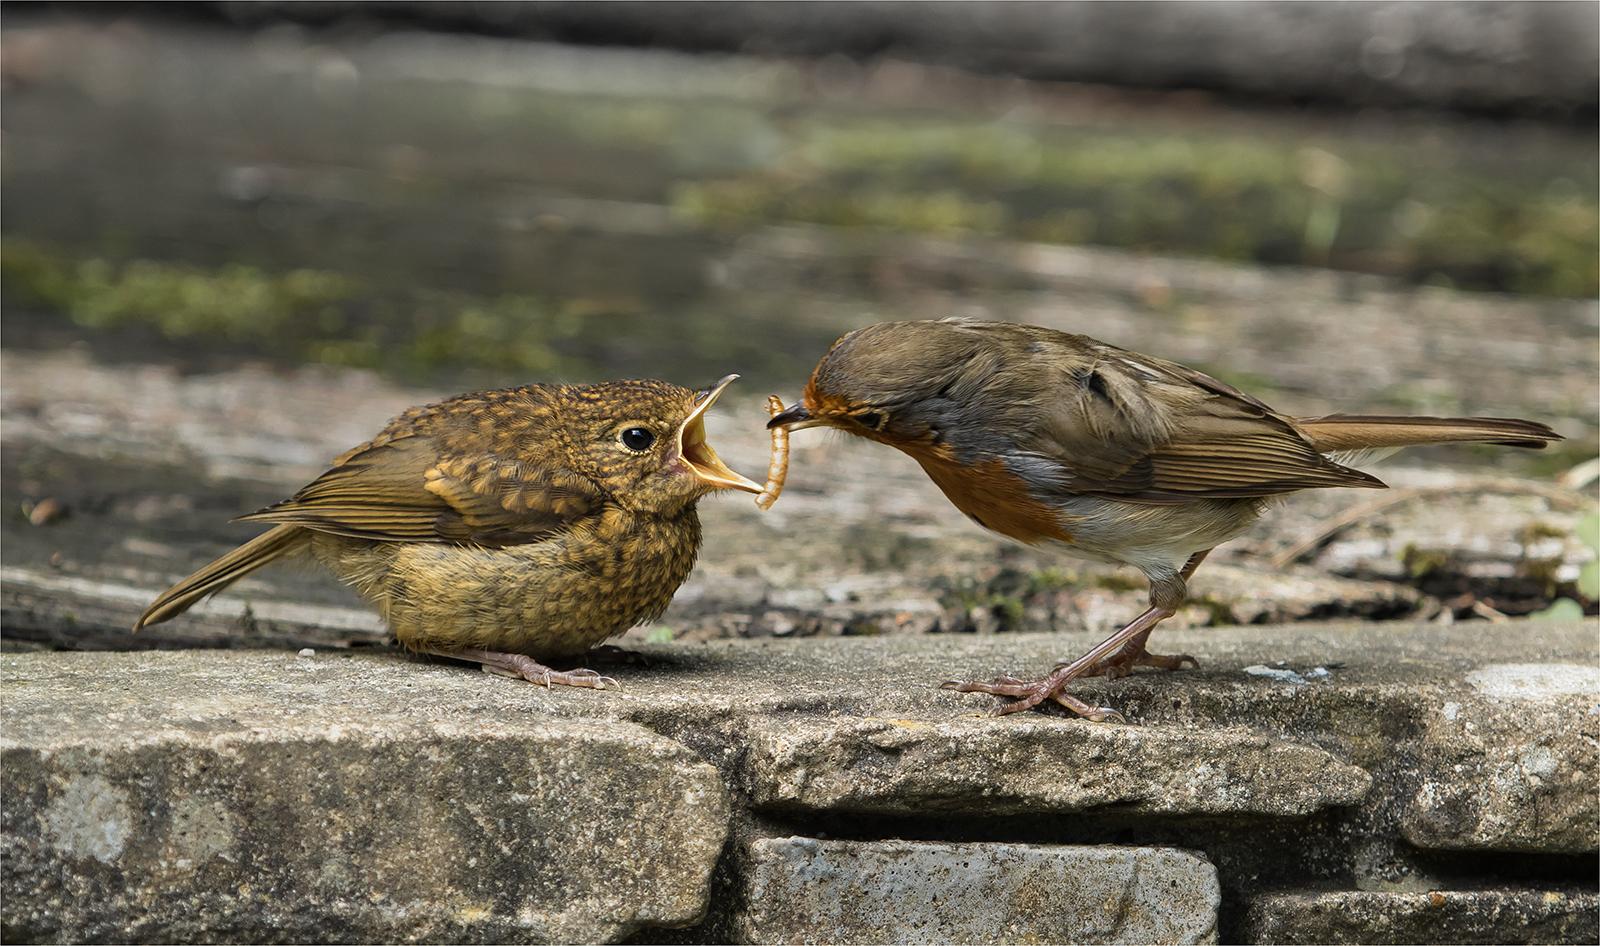 244_Robin Feeding Young_Lyn Rendall.jpg